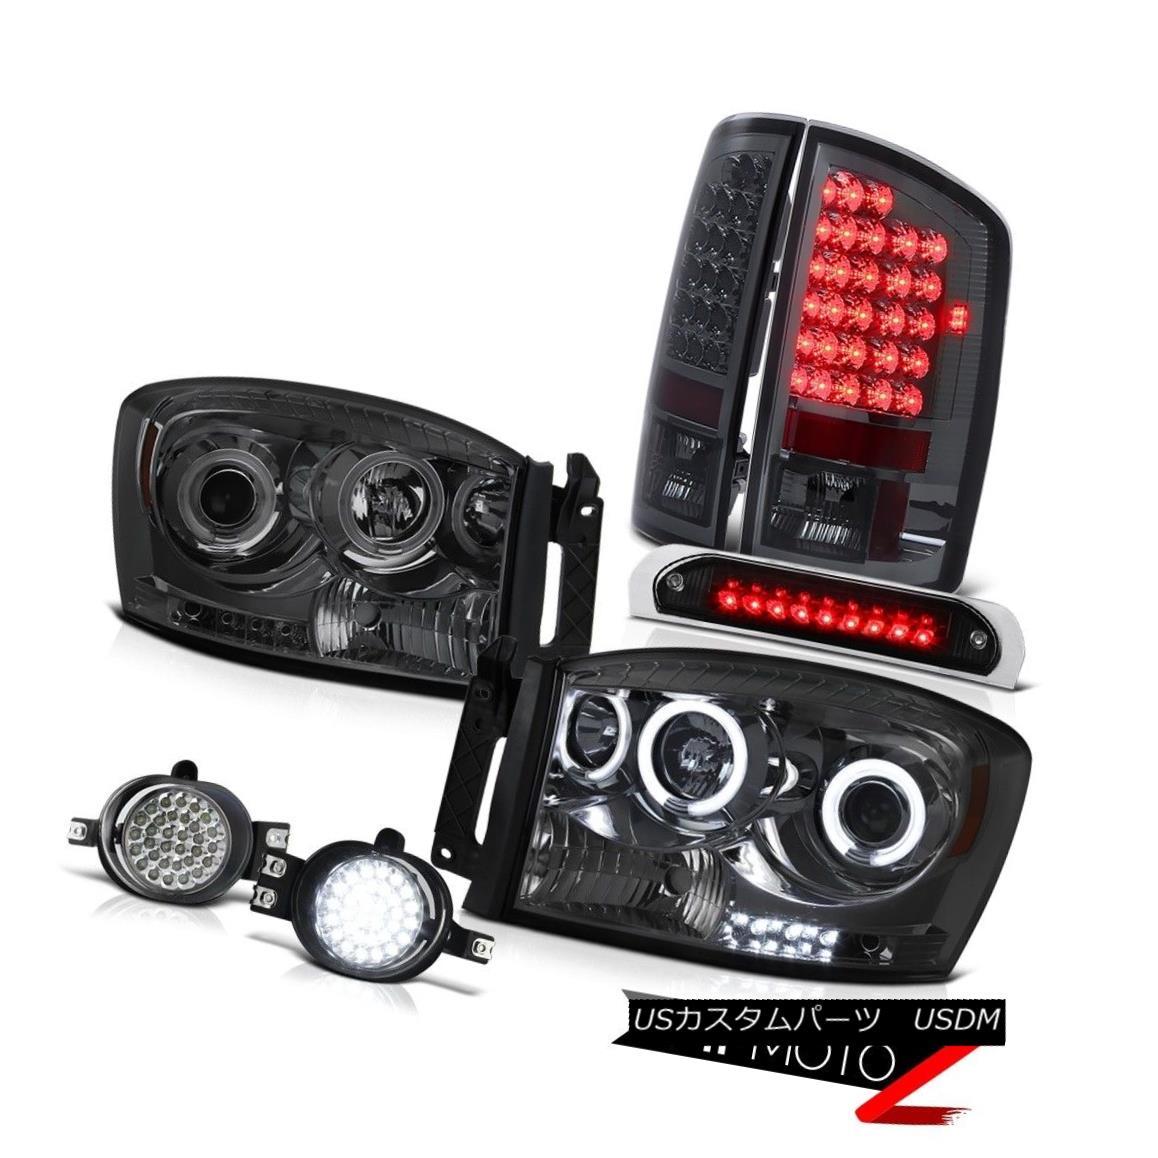 テールライト 07 08 Ram CCFL Headlights LED Brake Lamps Daytime Running Fog Roof Stop Black 07 08 Ram CCFLヘッドライトLEDブレーキランプデイタイムランニングフォグルーフストップブラック